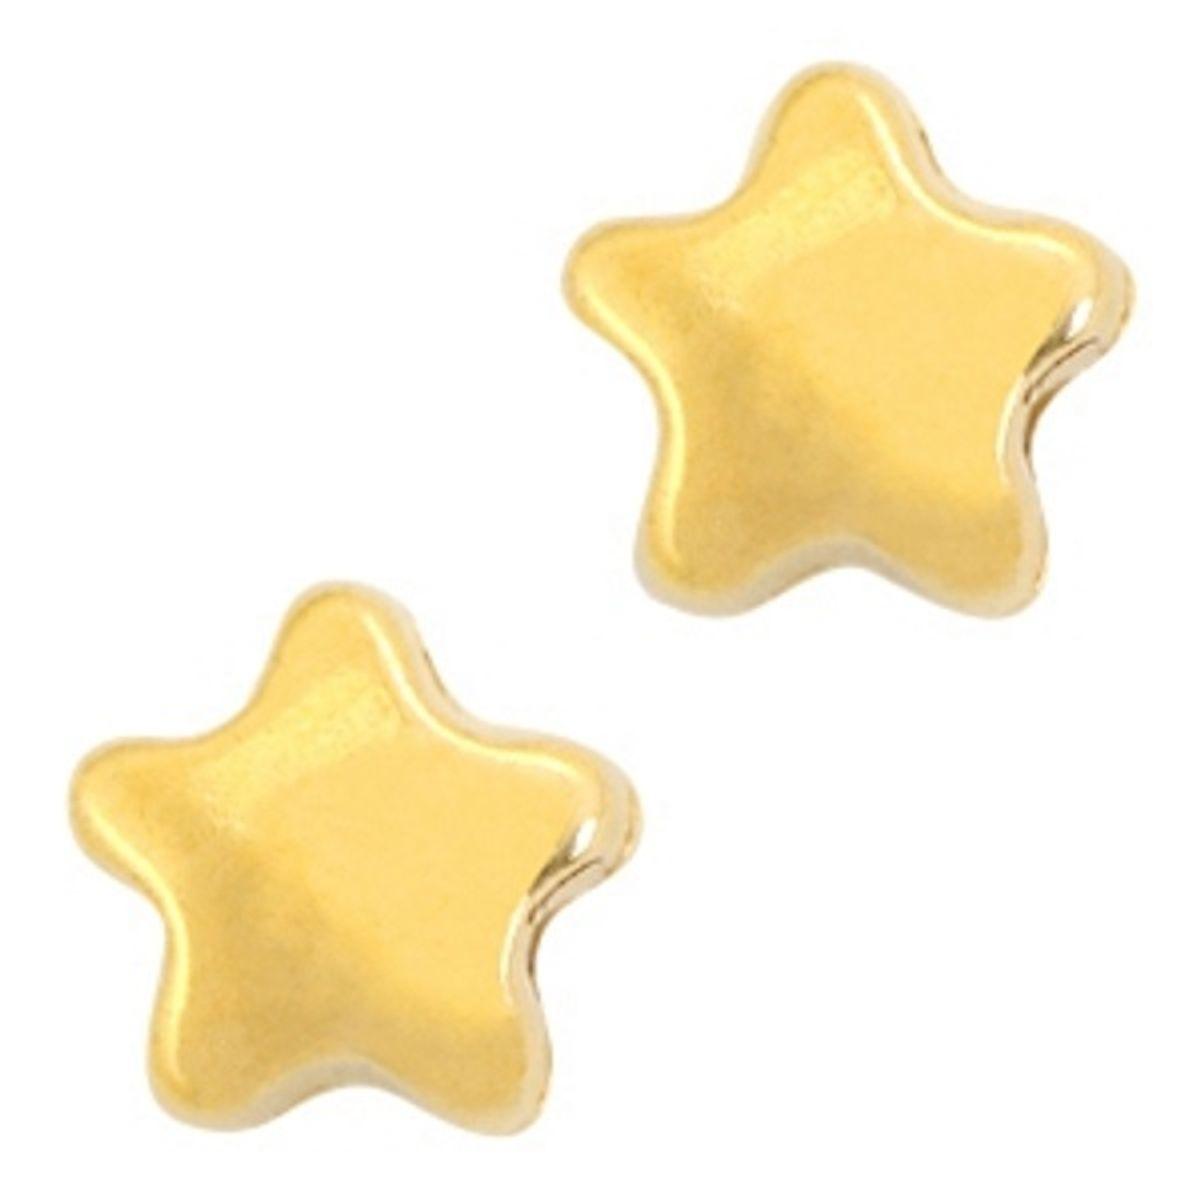 Metallperlen Sterne - 3 Stück - Ø 9 mm